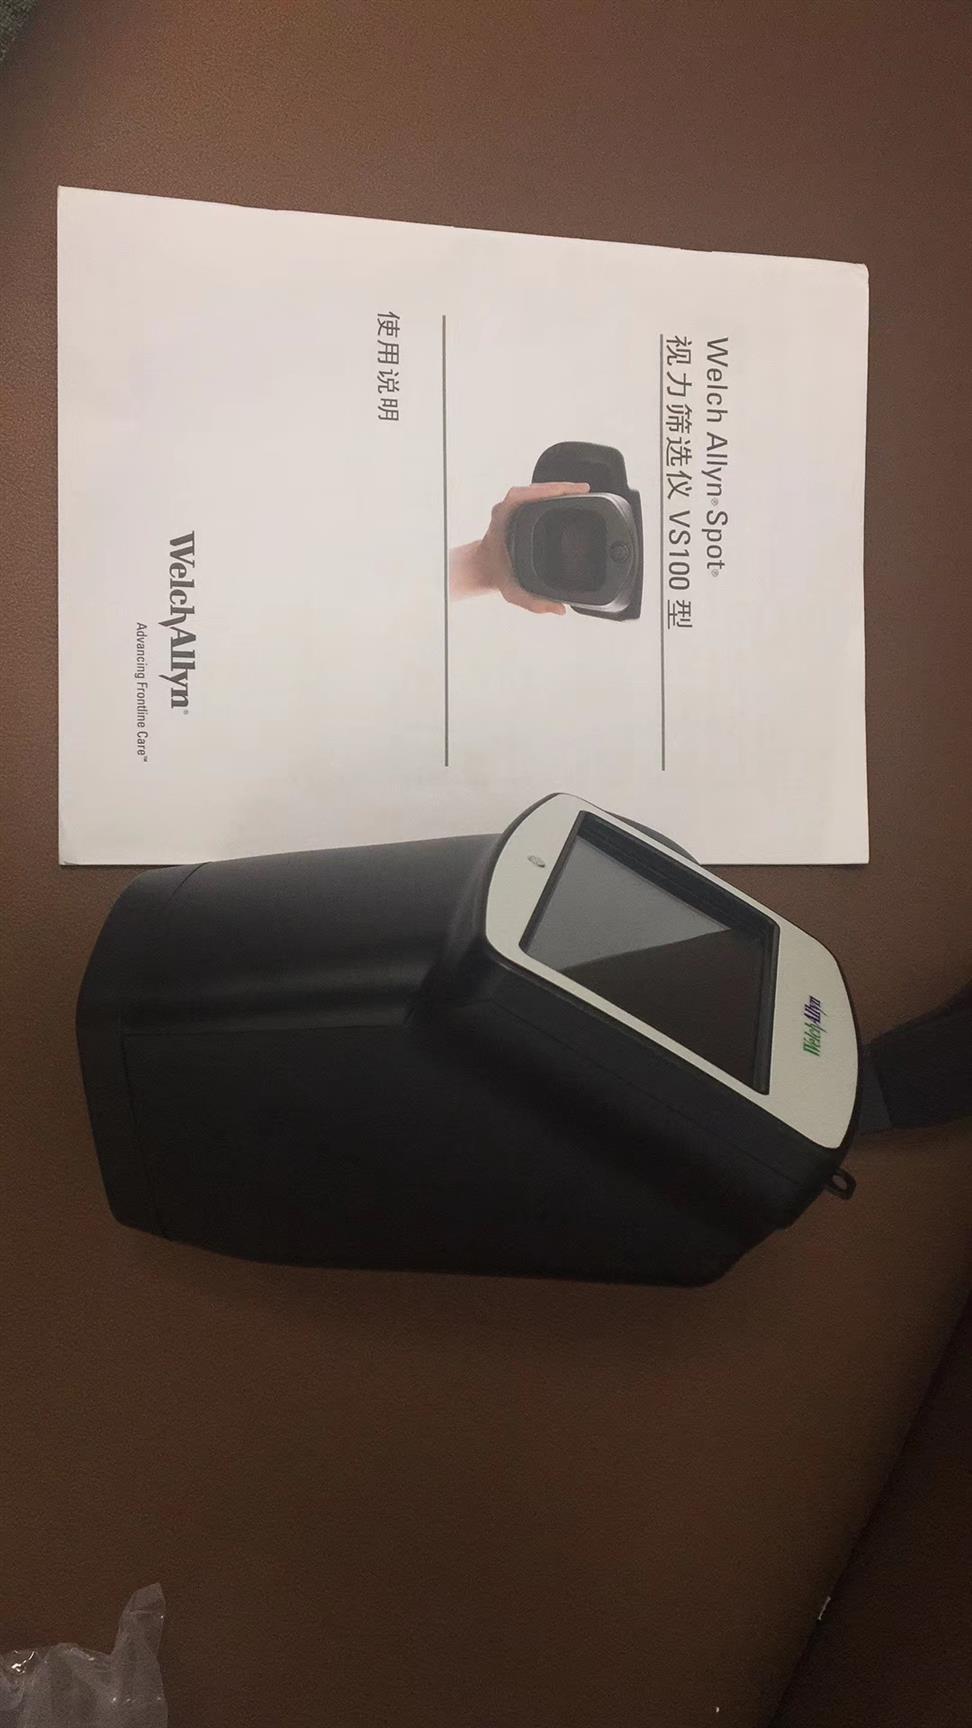 宜昌美国伟伦双目视力筛查仪VS100